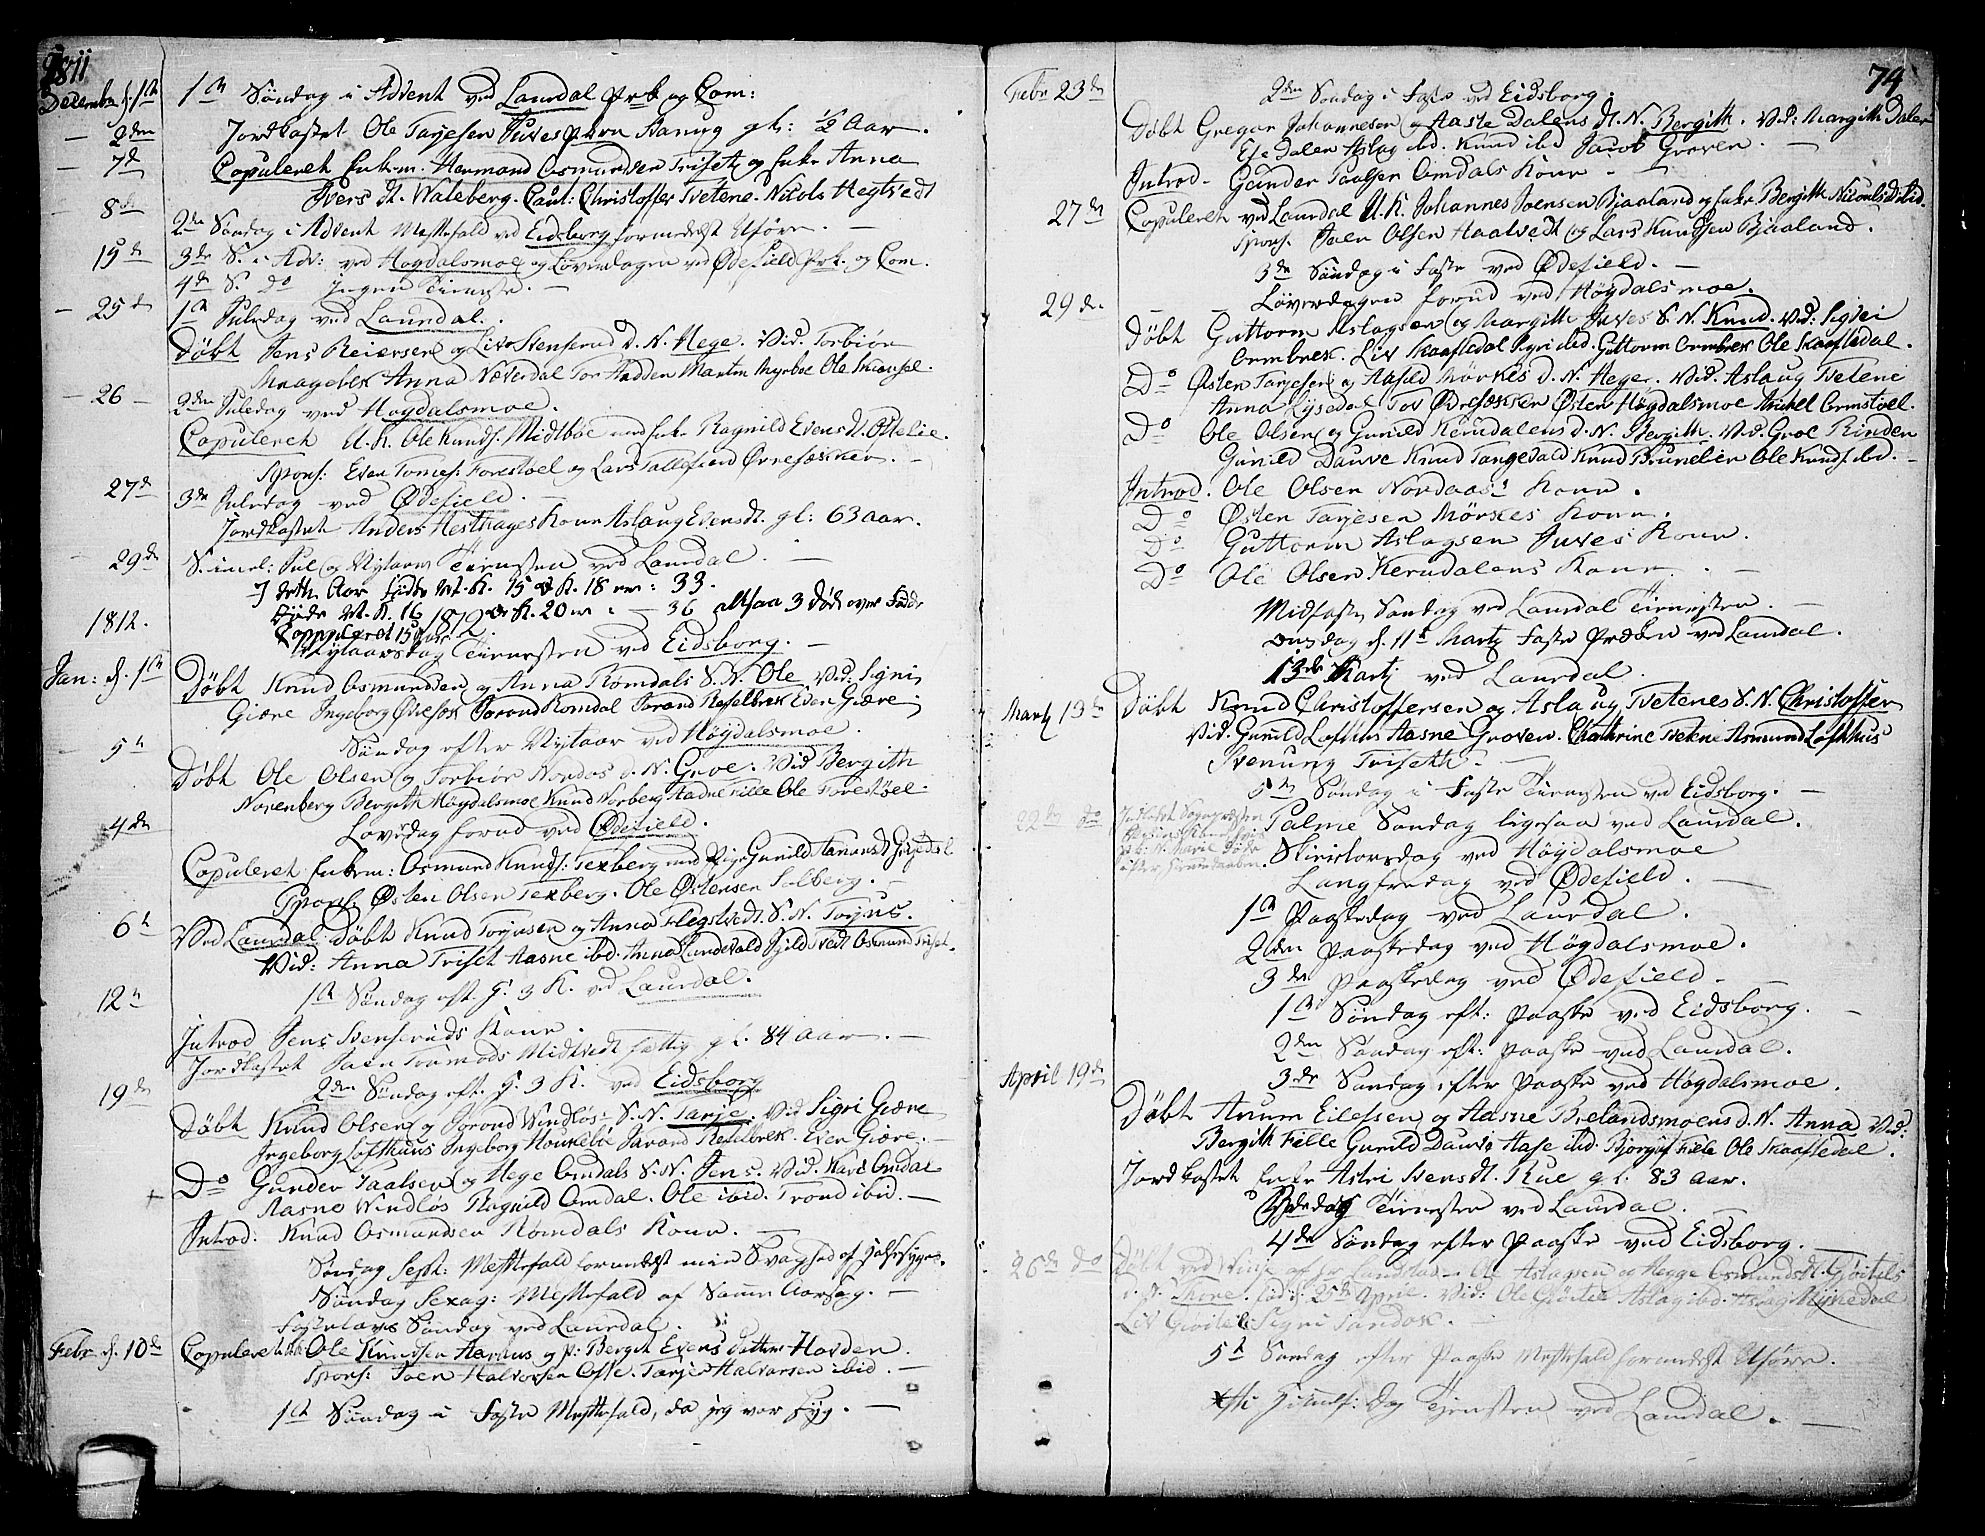 SAKO, Lårdal kirkebøker, F/Fa/L0004: Ministerialbok nr. I 4, 1790-1814, s. 74